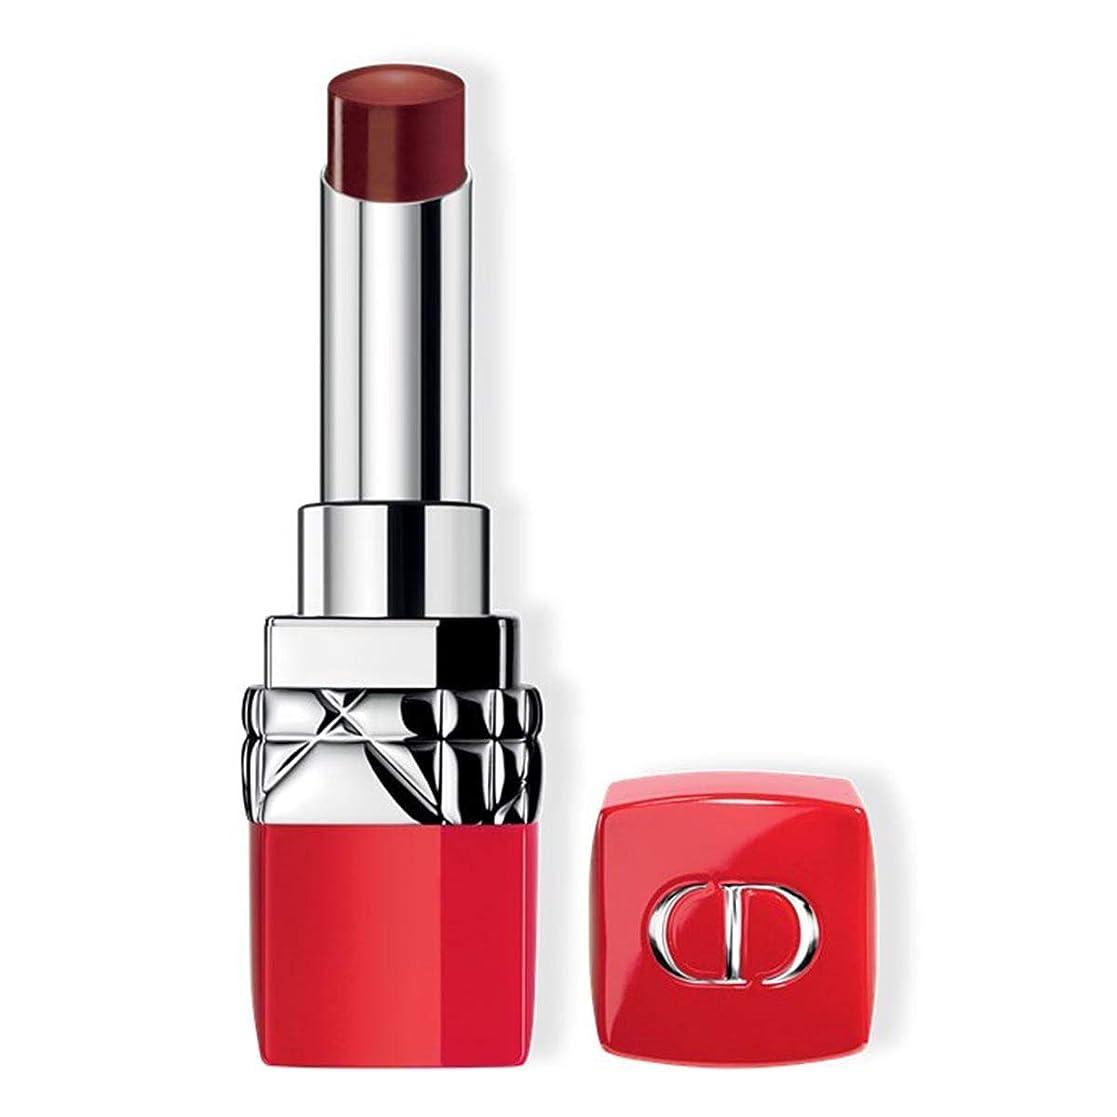 鉄フクロウ復活クリスチャンディオール Rouge Dior Ultra Rouge - # 843 Ultra Crave 3.2g/0.11oz並行輸入品